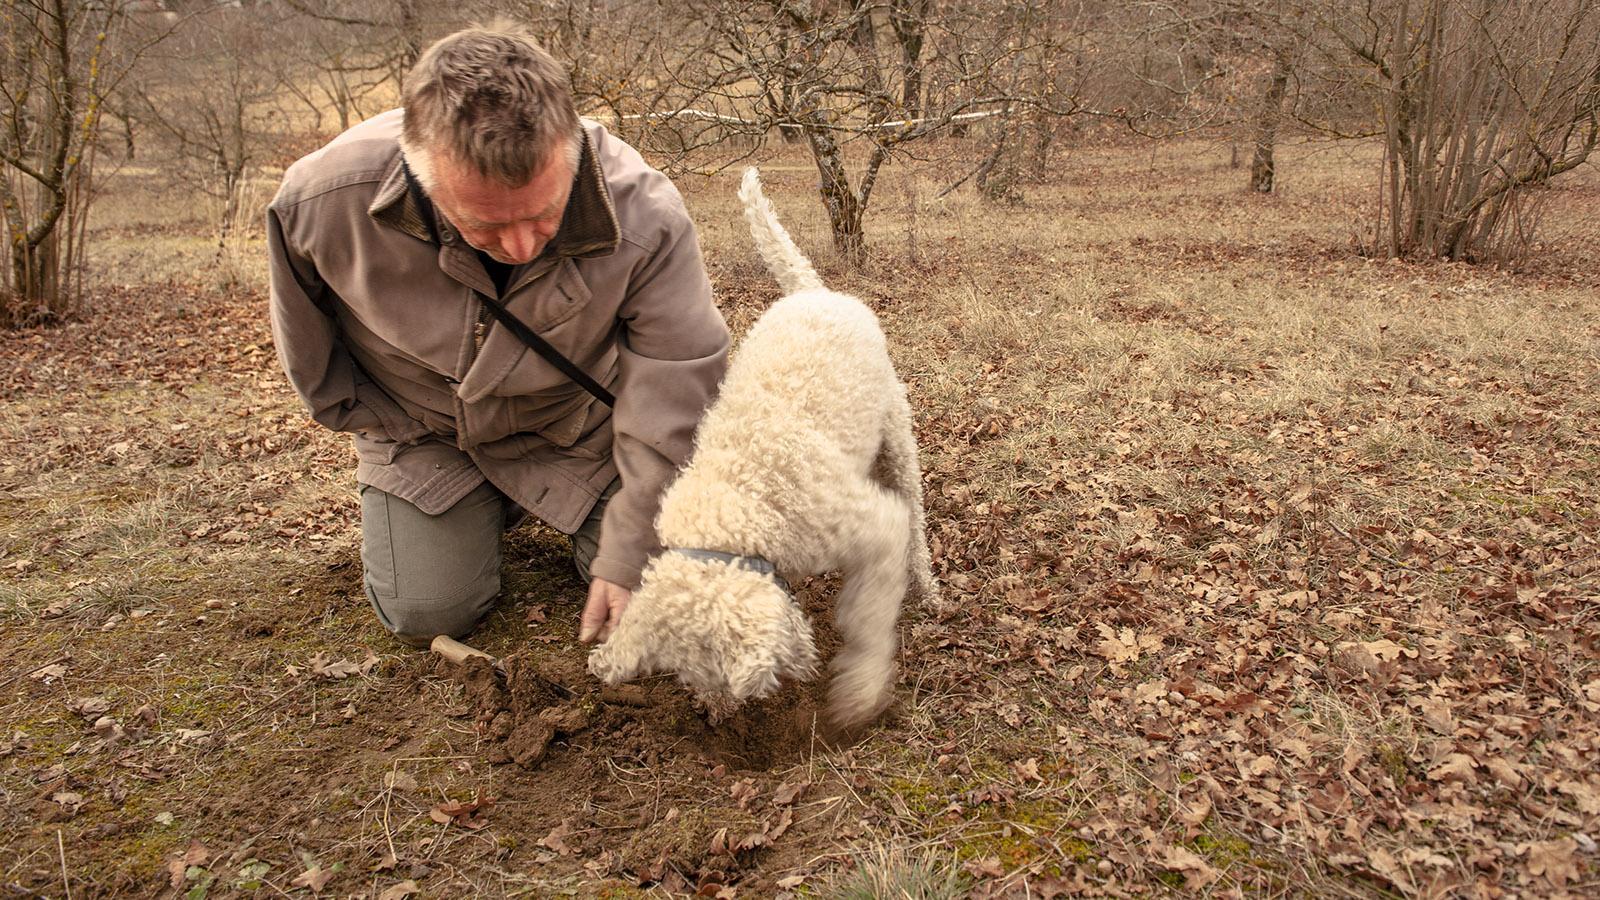 Bambou, der Trüffelhund von Bruno Chartron, ist im Trüffelhain fündig geworden. Foto: Hilke Maunder